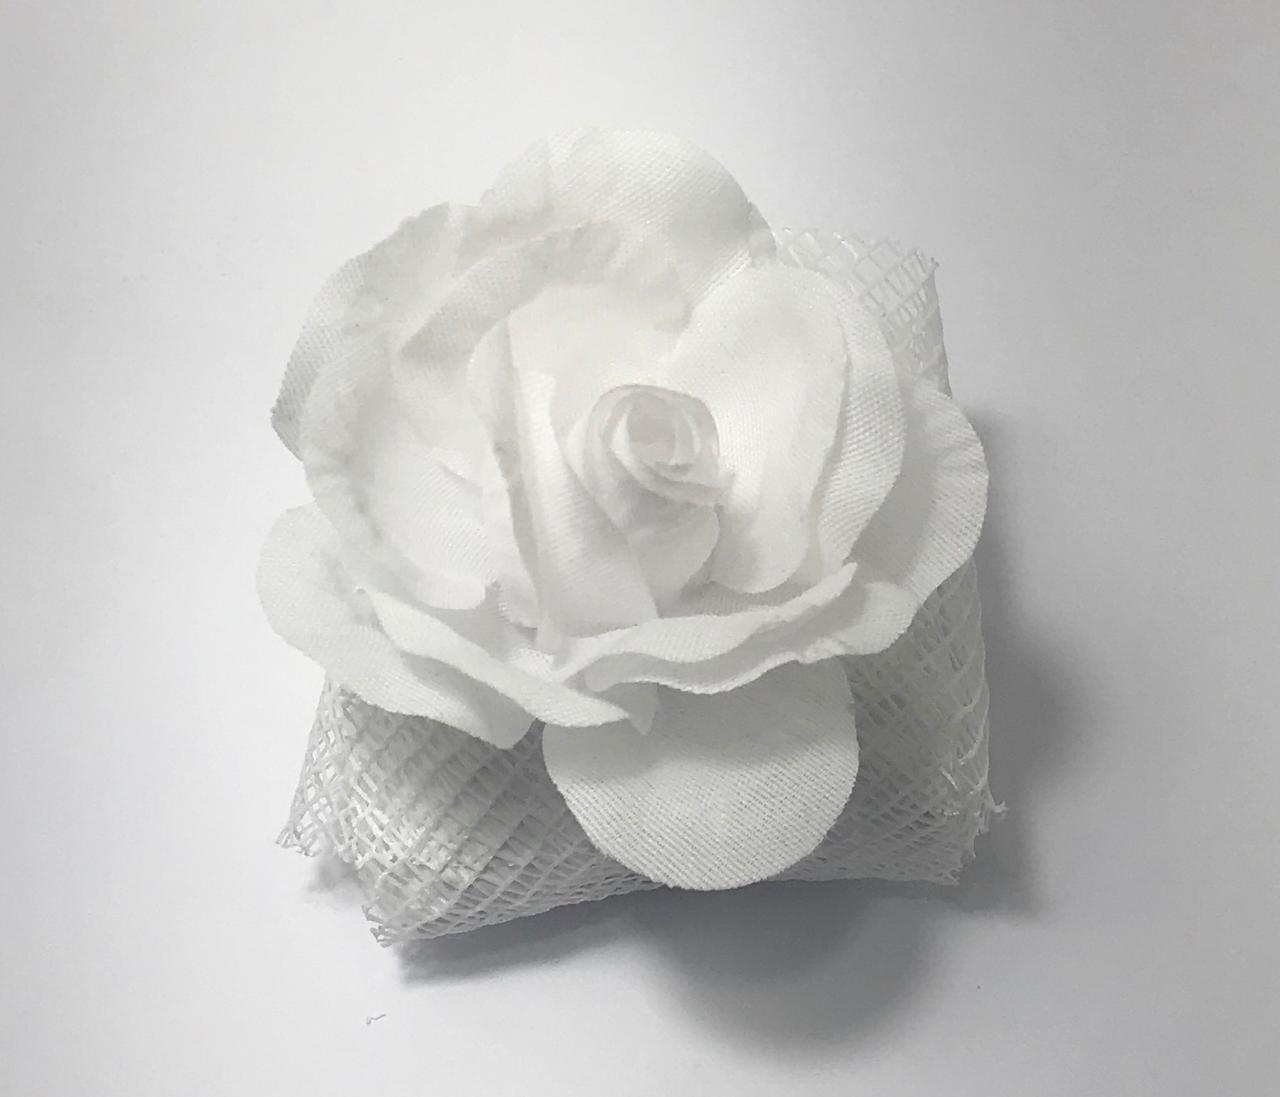 Caixas Bem Casado Rô Artesanato Cristal / Tela Branco